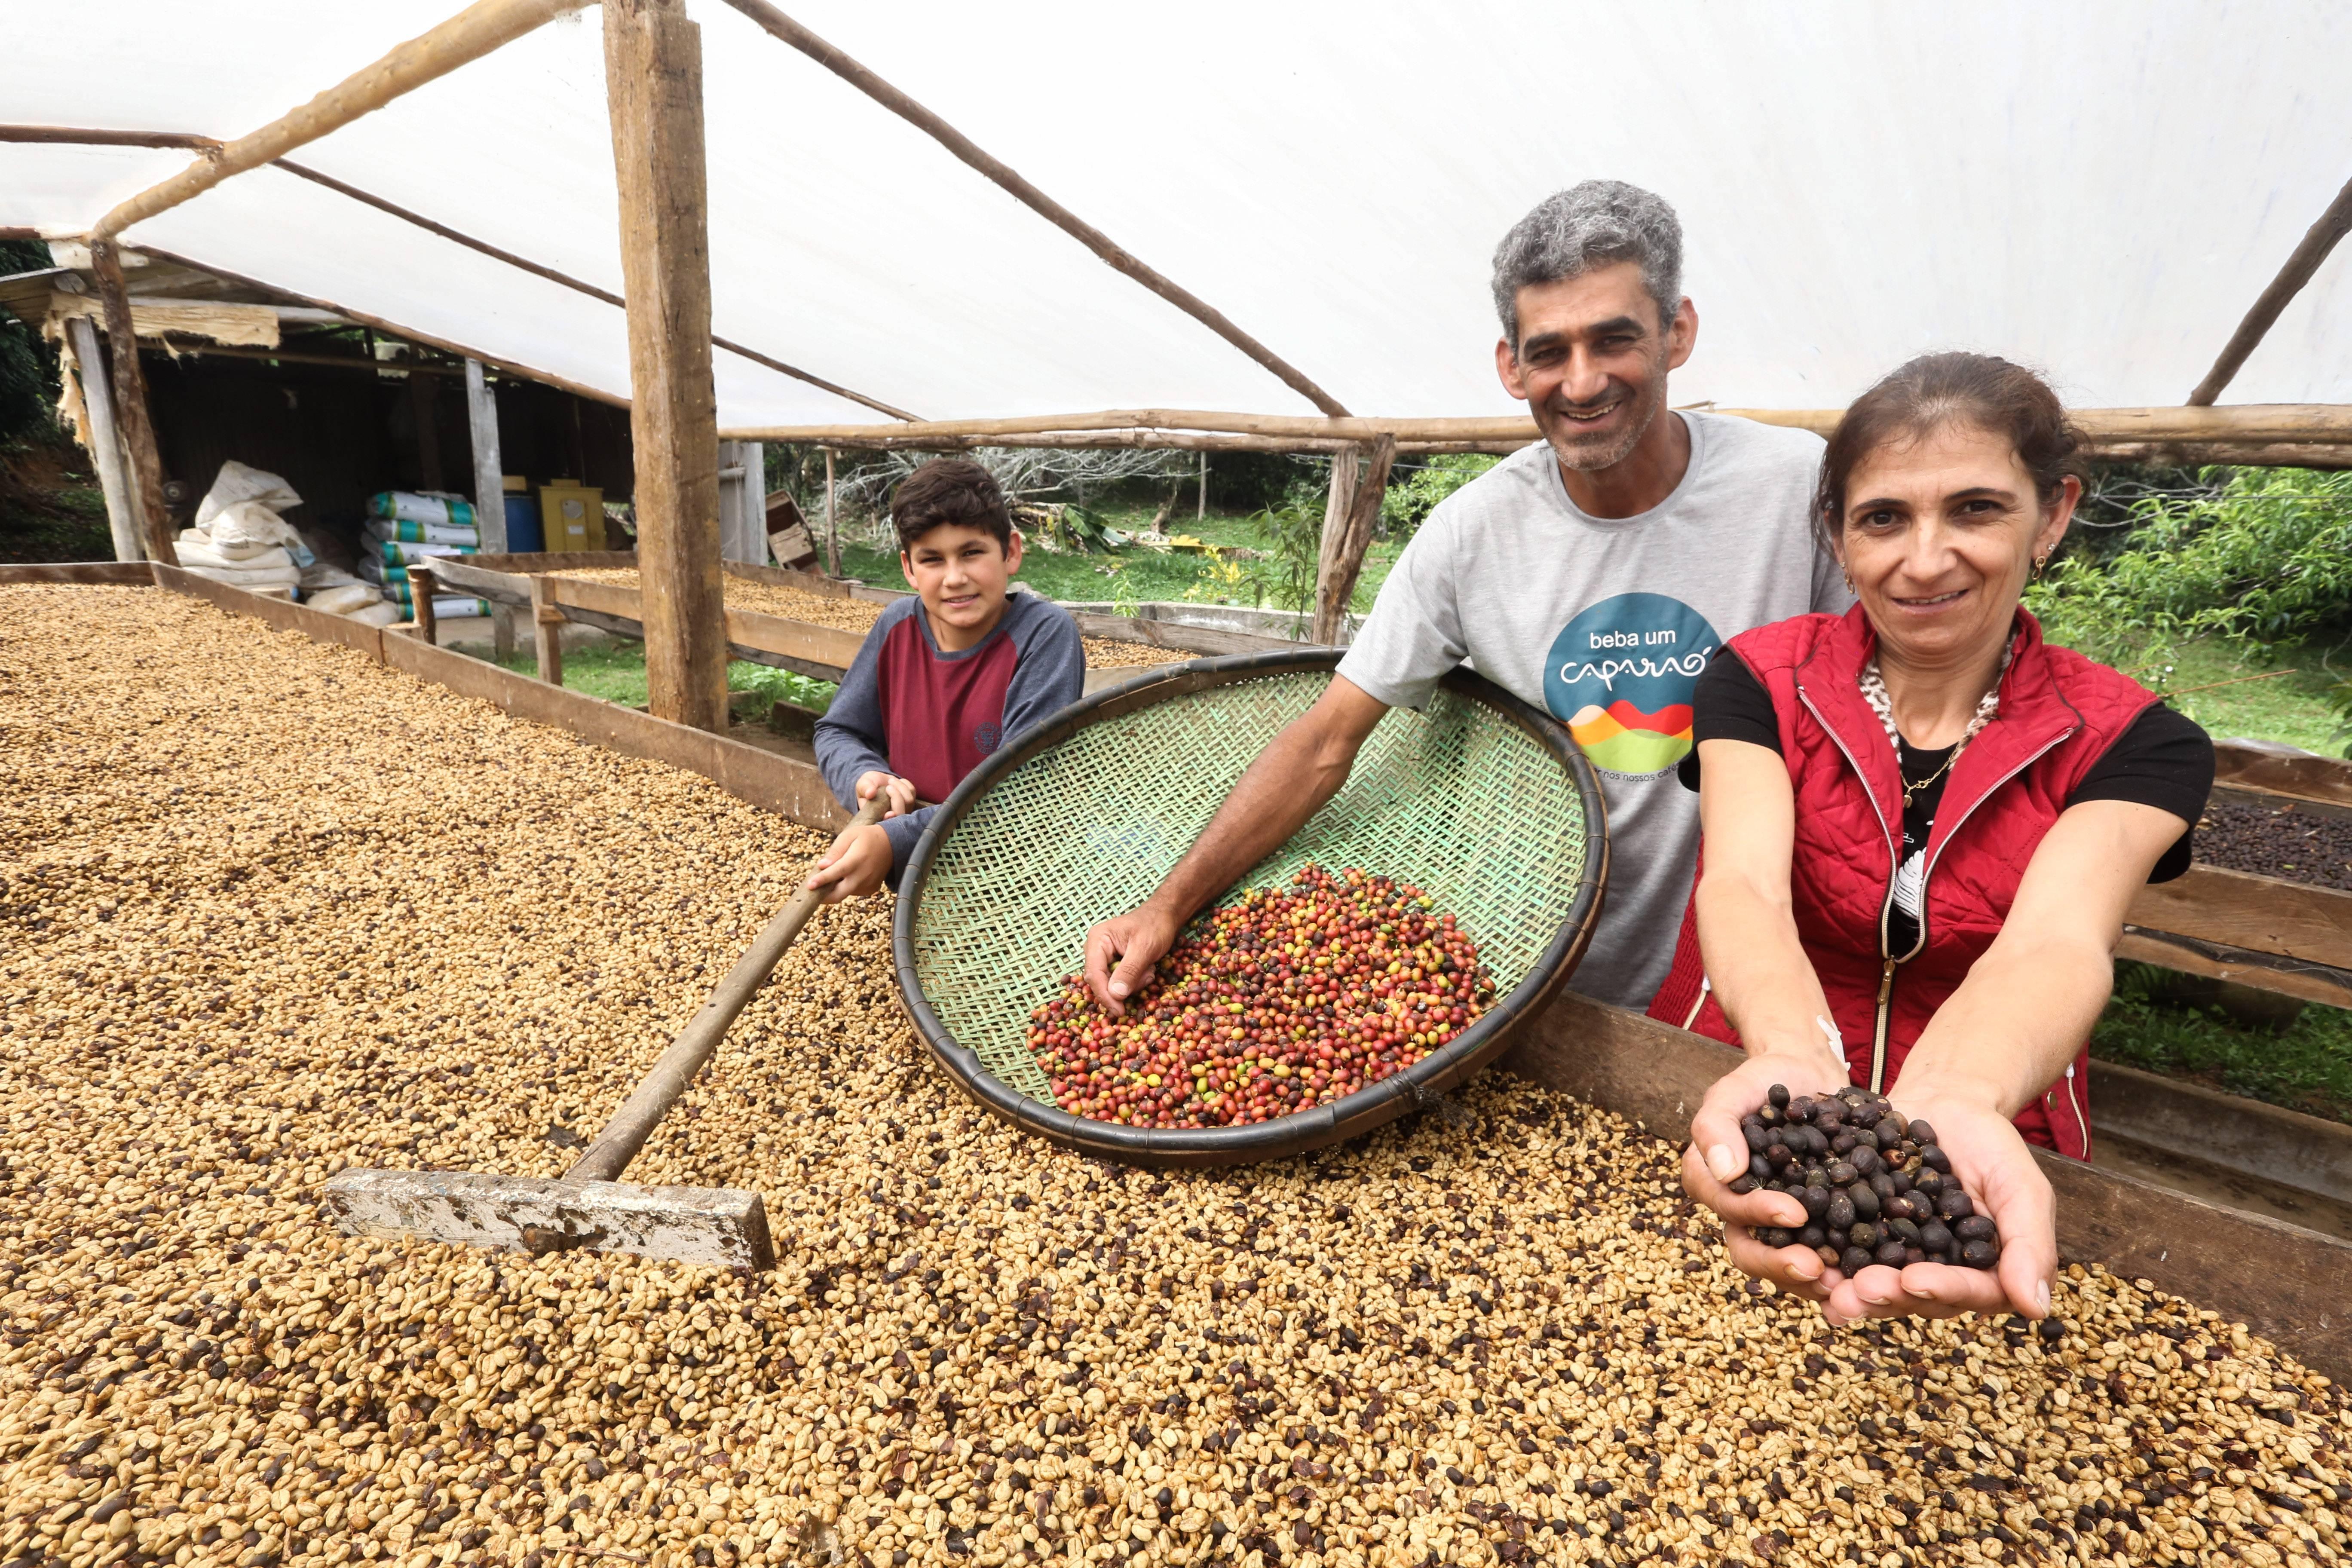 Afonso Lacerda, sua esposa Altilina e o filho Augusto: orgulho de produzir o café considerado o melhor do Brasil. Foto: Rogério Machado/Gazeta do Povo